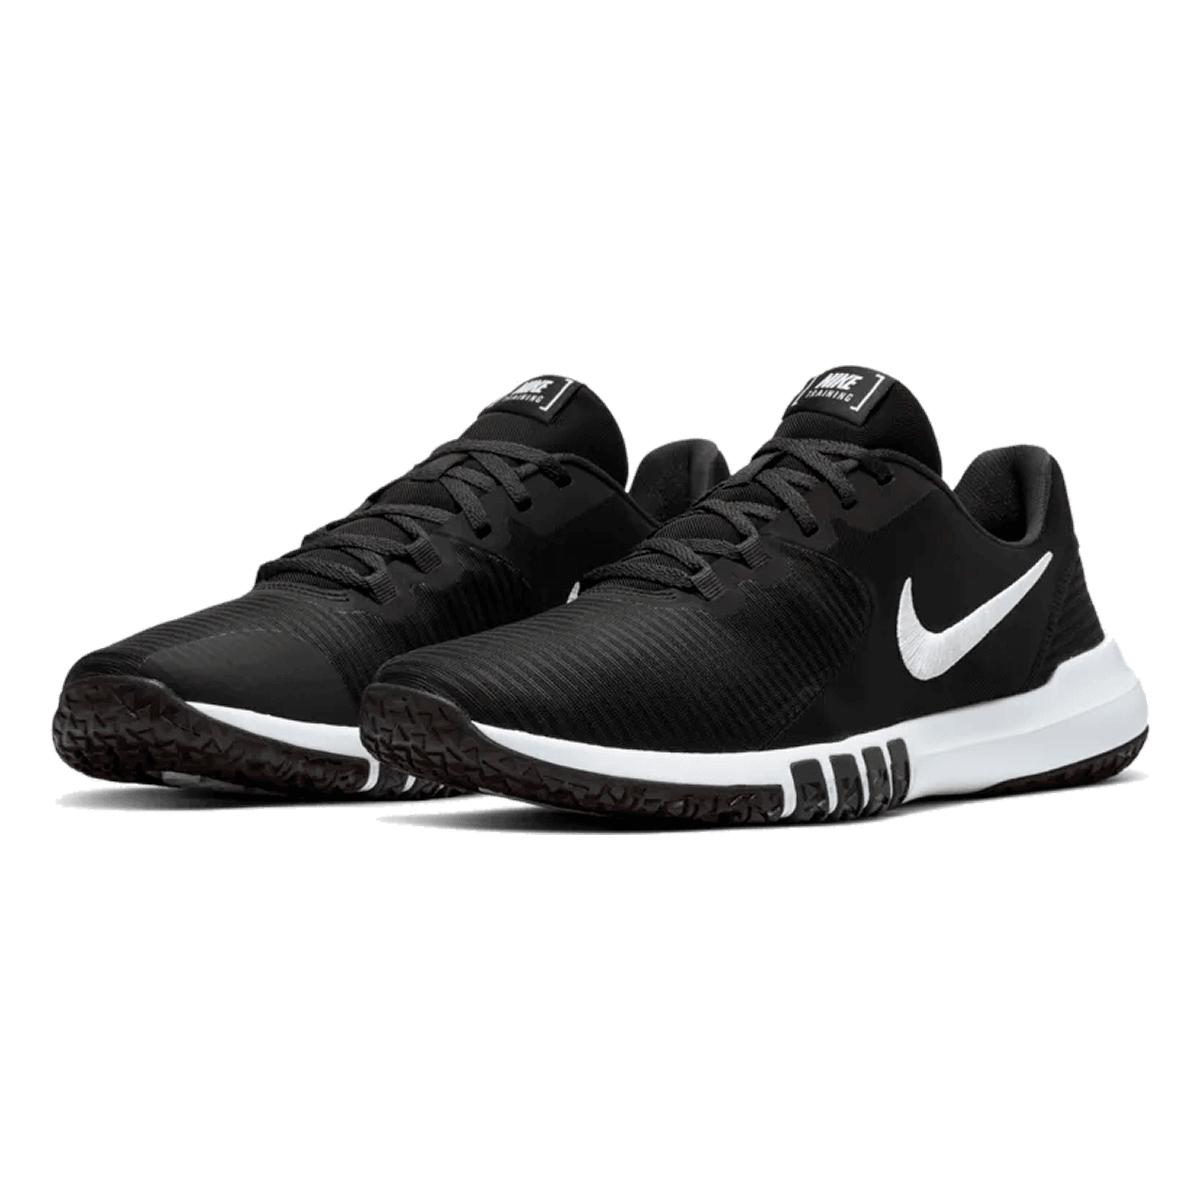 Nike Trainingsschuh Flex Control IV schwarz/weiß (Gr. 38-47)